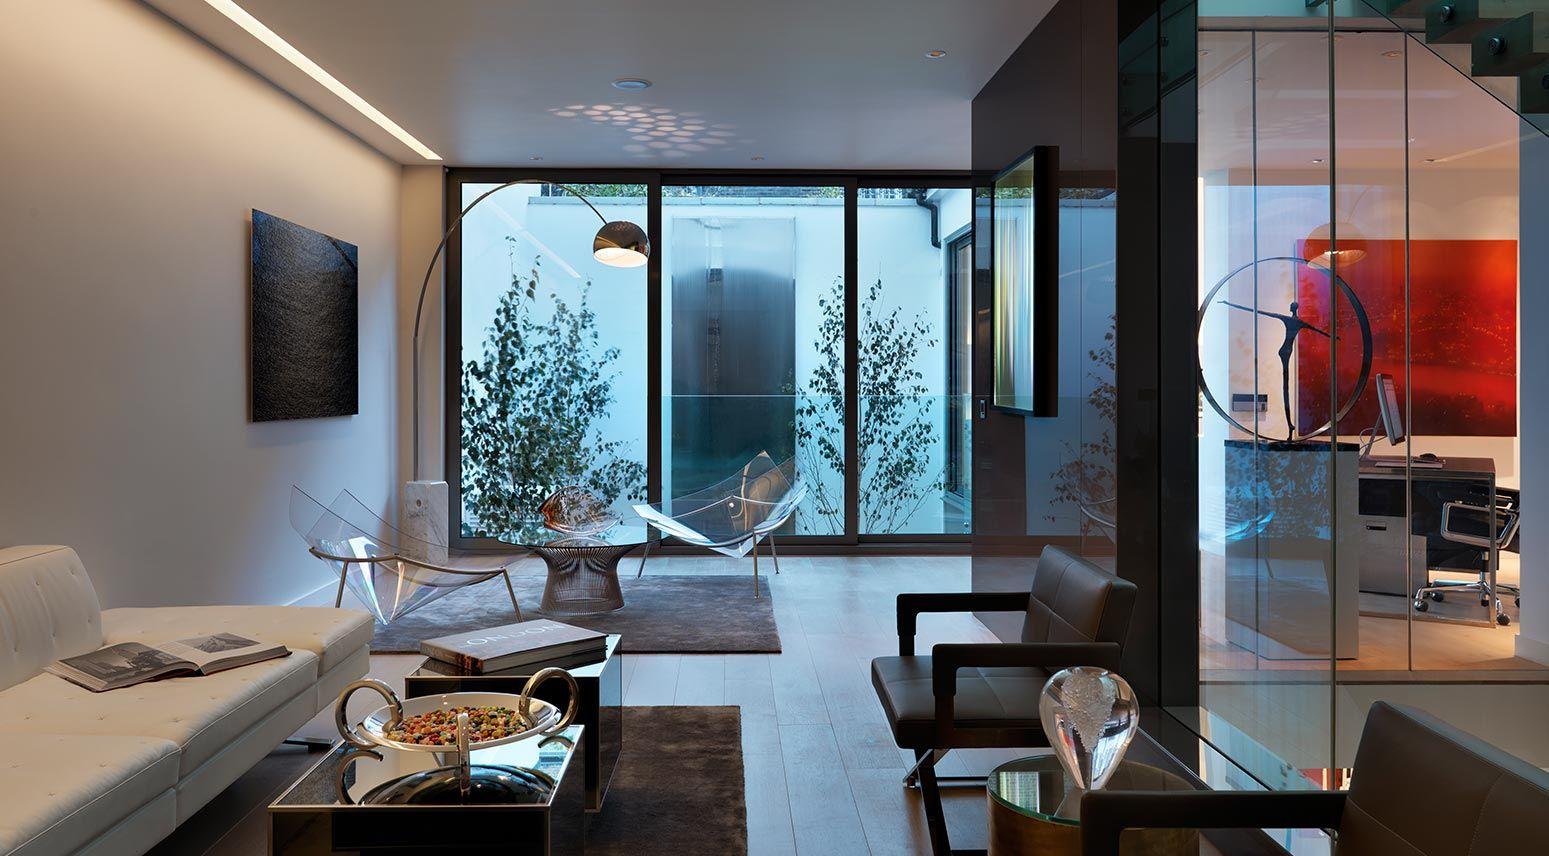 Innenarchitektur für schlafzimmer-tv-einheit devonshire mews contemporary interior design living room by